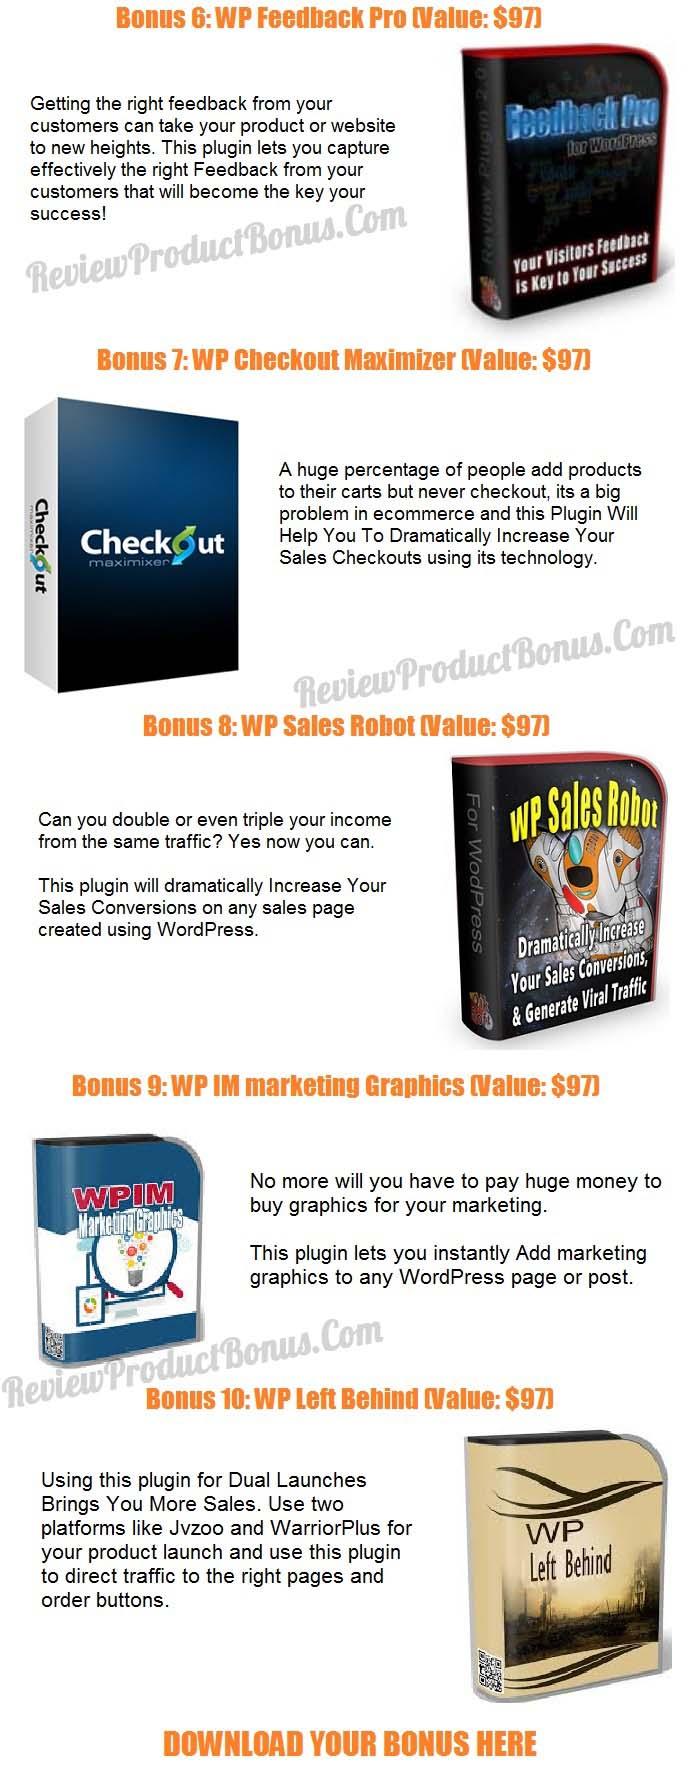 WP Auto Content Bonus